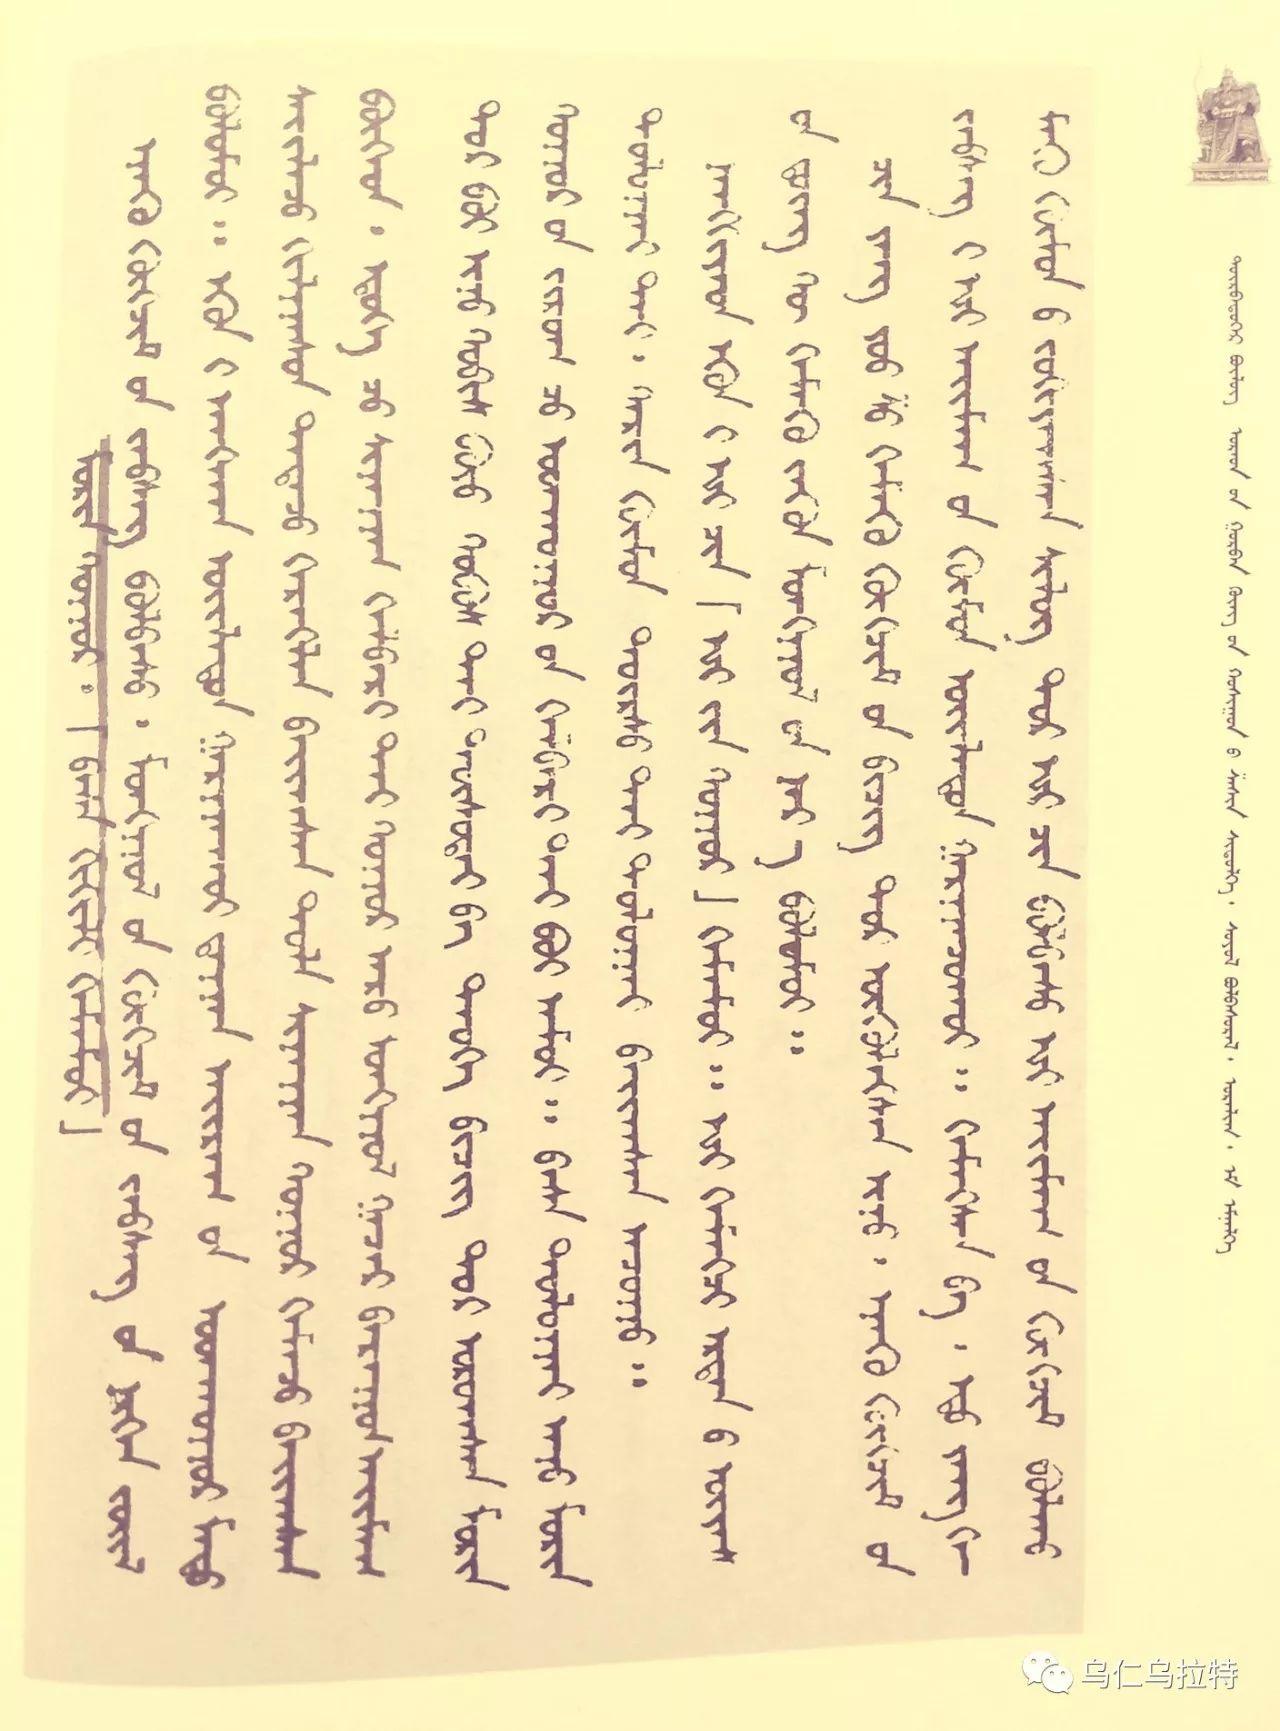 图书介绍《乌拉特历史文化》 第38张